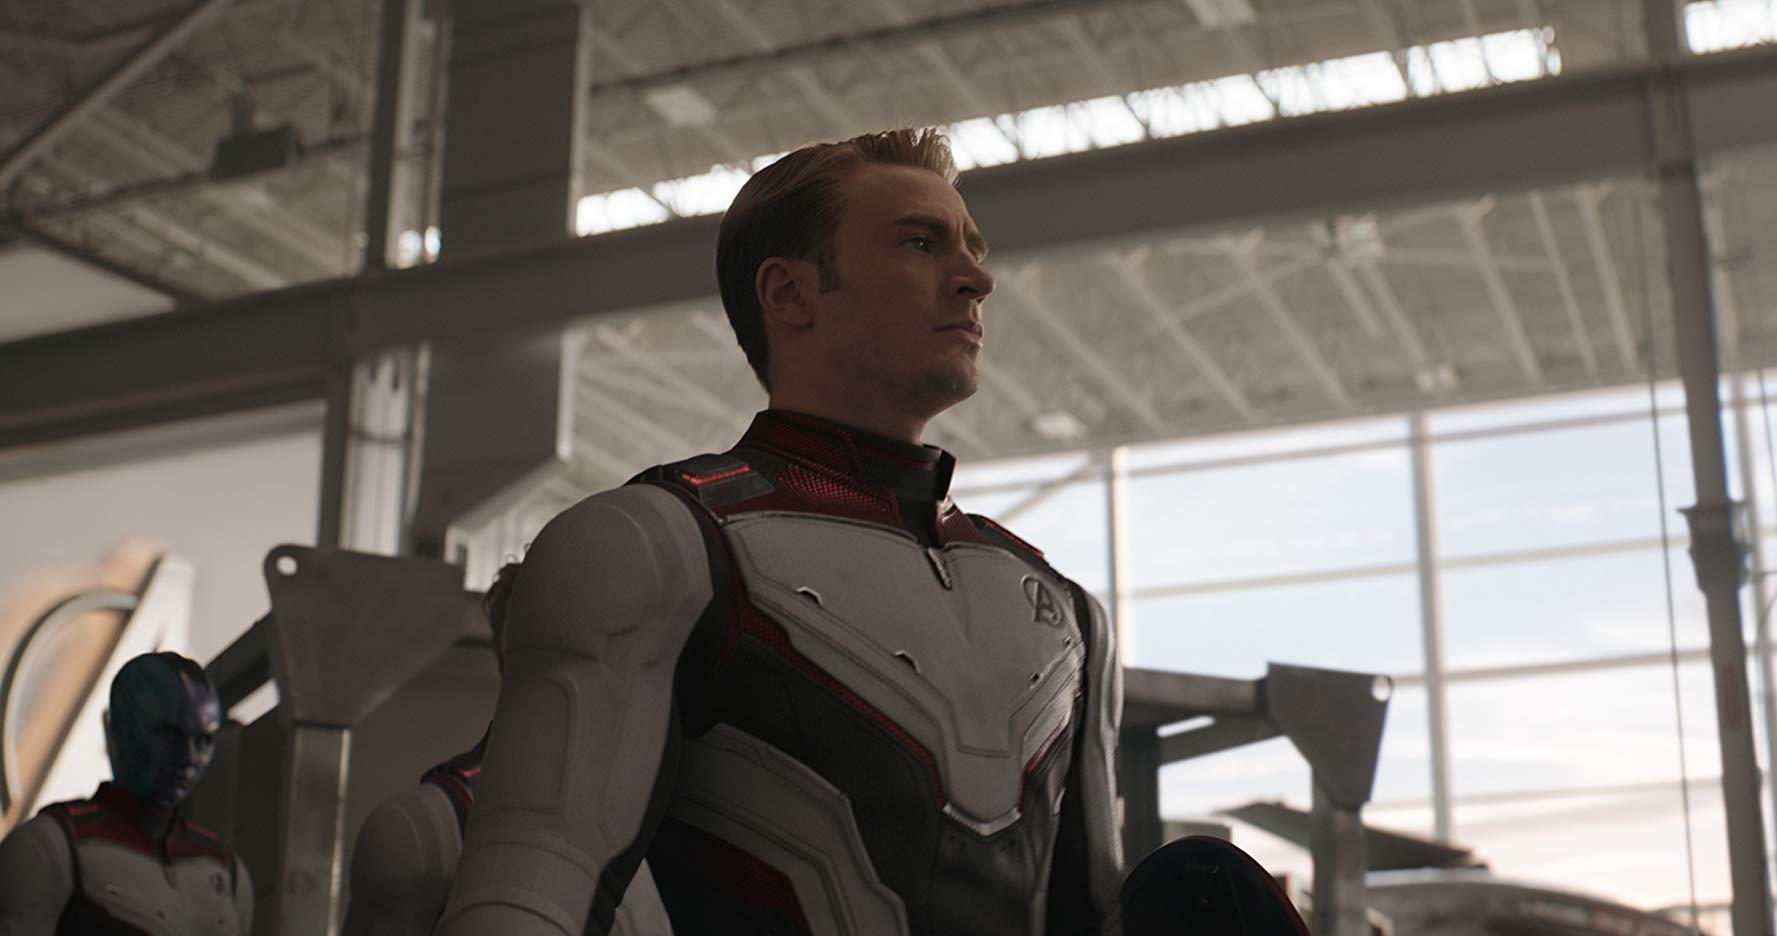 """Review Avengers Endgame 2019 À¸à¹€à¸§à¸™à¹€à¸ˆà¸à¸£ À¸ª À¹€à¸œà¸"""" À¸ˆà¸¨ À¸ À¸›à¸£à¸°à¸— À¸šà¸ˆ À¸•à¸›à¸£à¸°à¸— À¸šà¹ƒà¸ˆ À¸¡ À¸ª À¸¡à¸› À¸à¸¢ Pantip"""